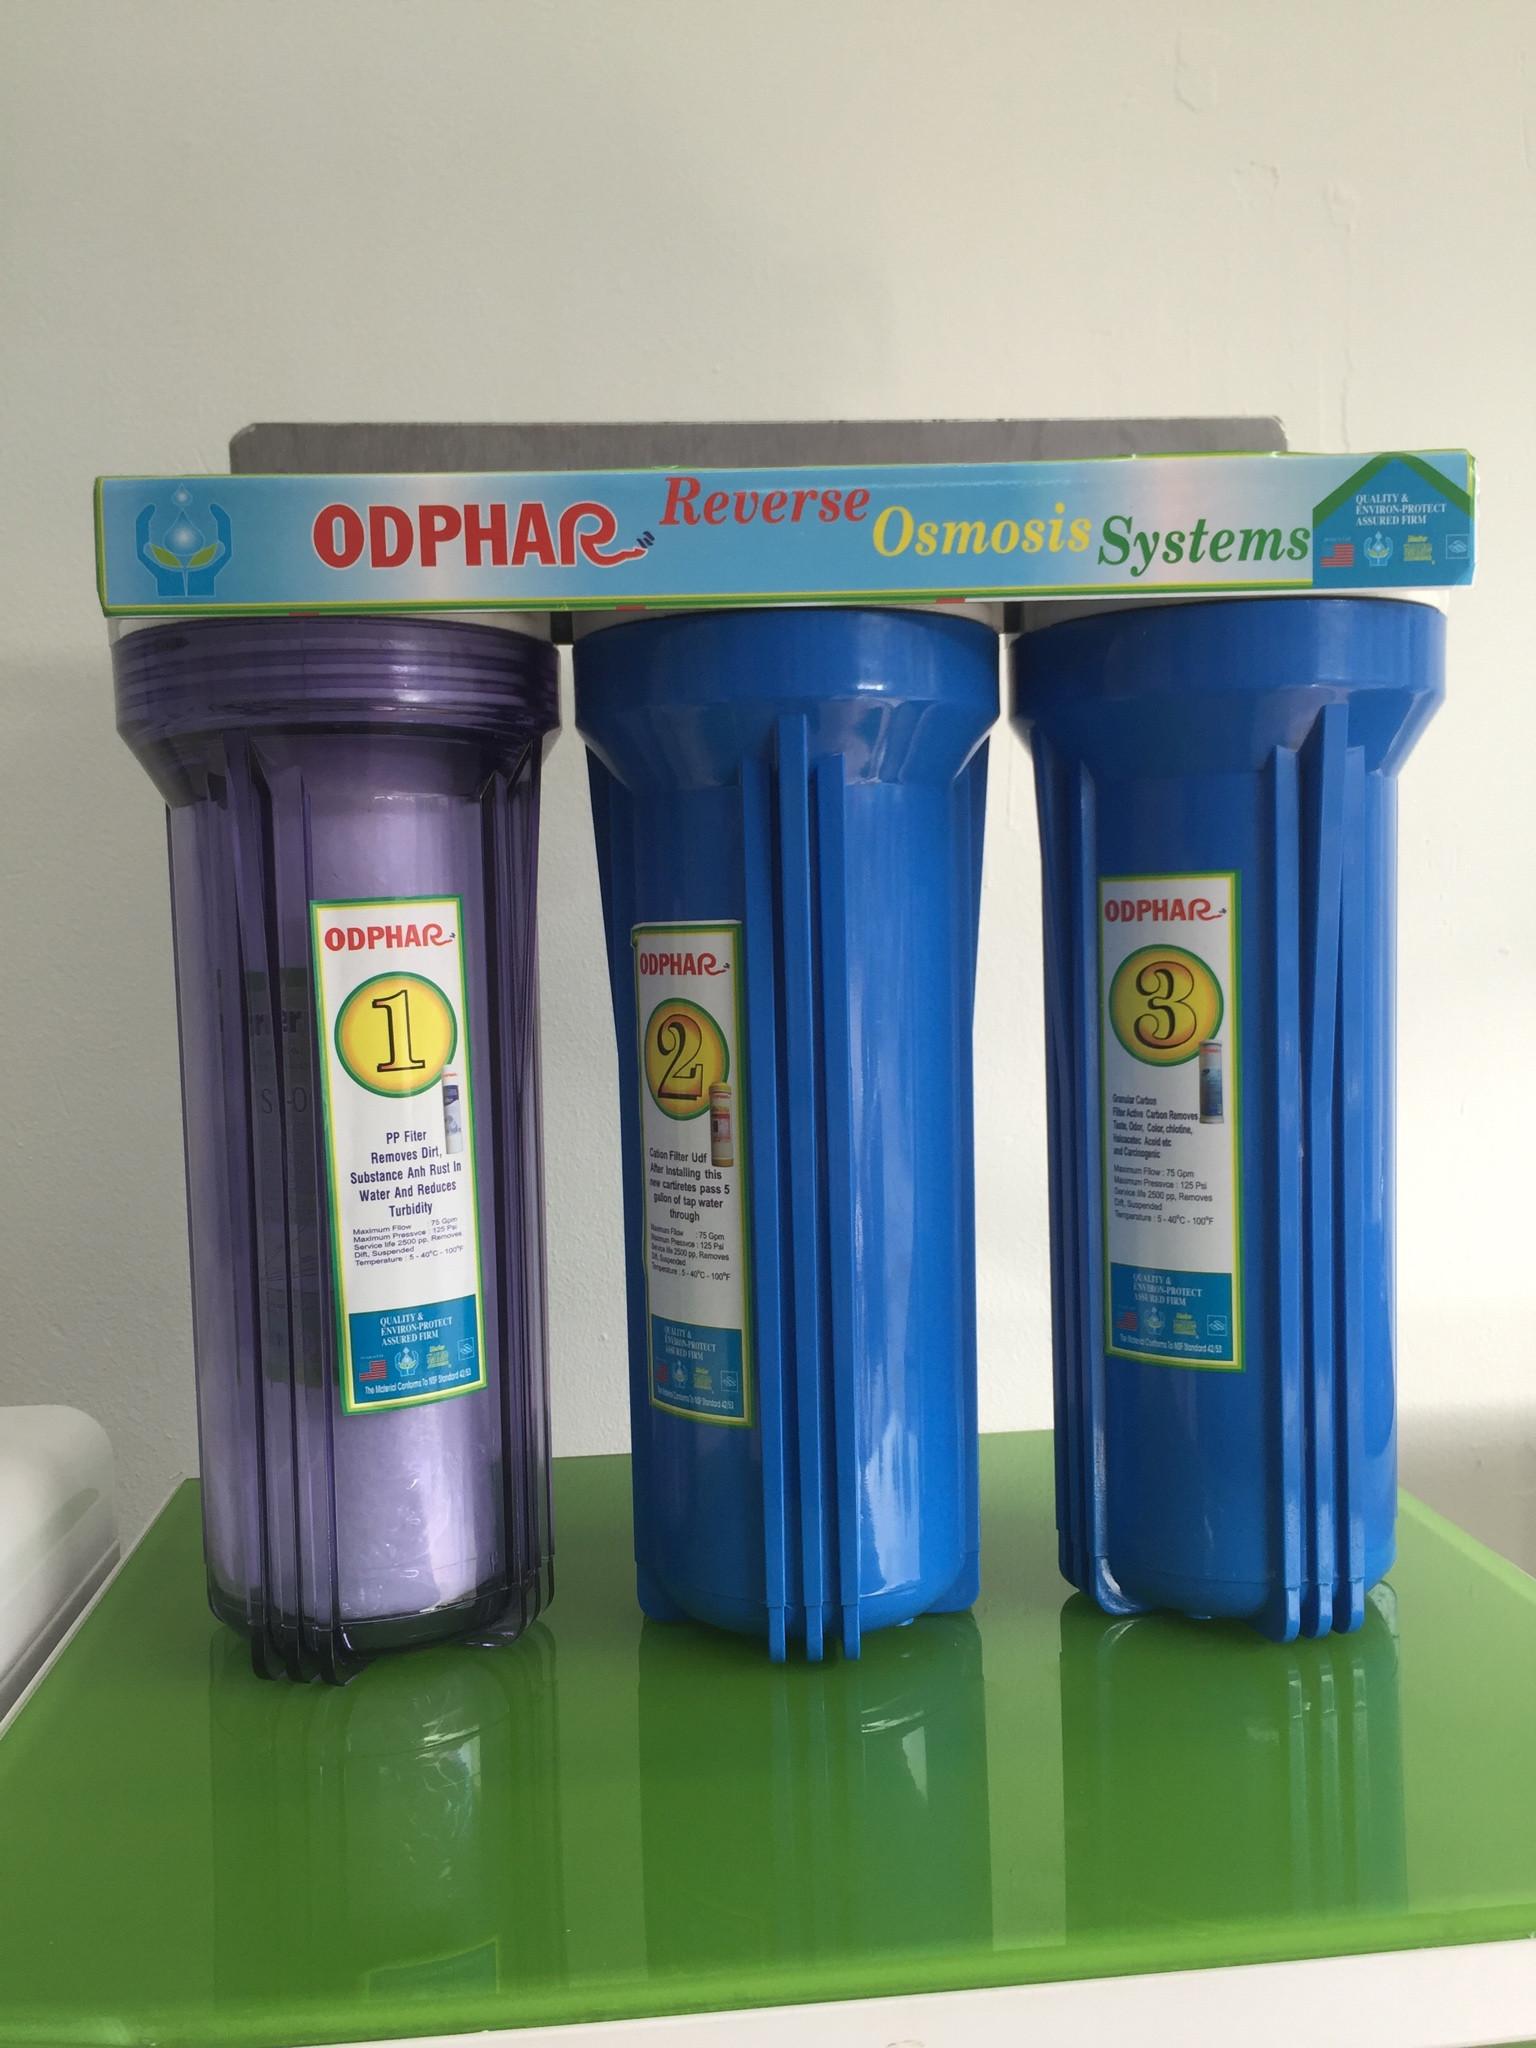 Bộ lọc nước TGCN-22975 ODPHAR